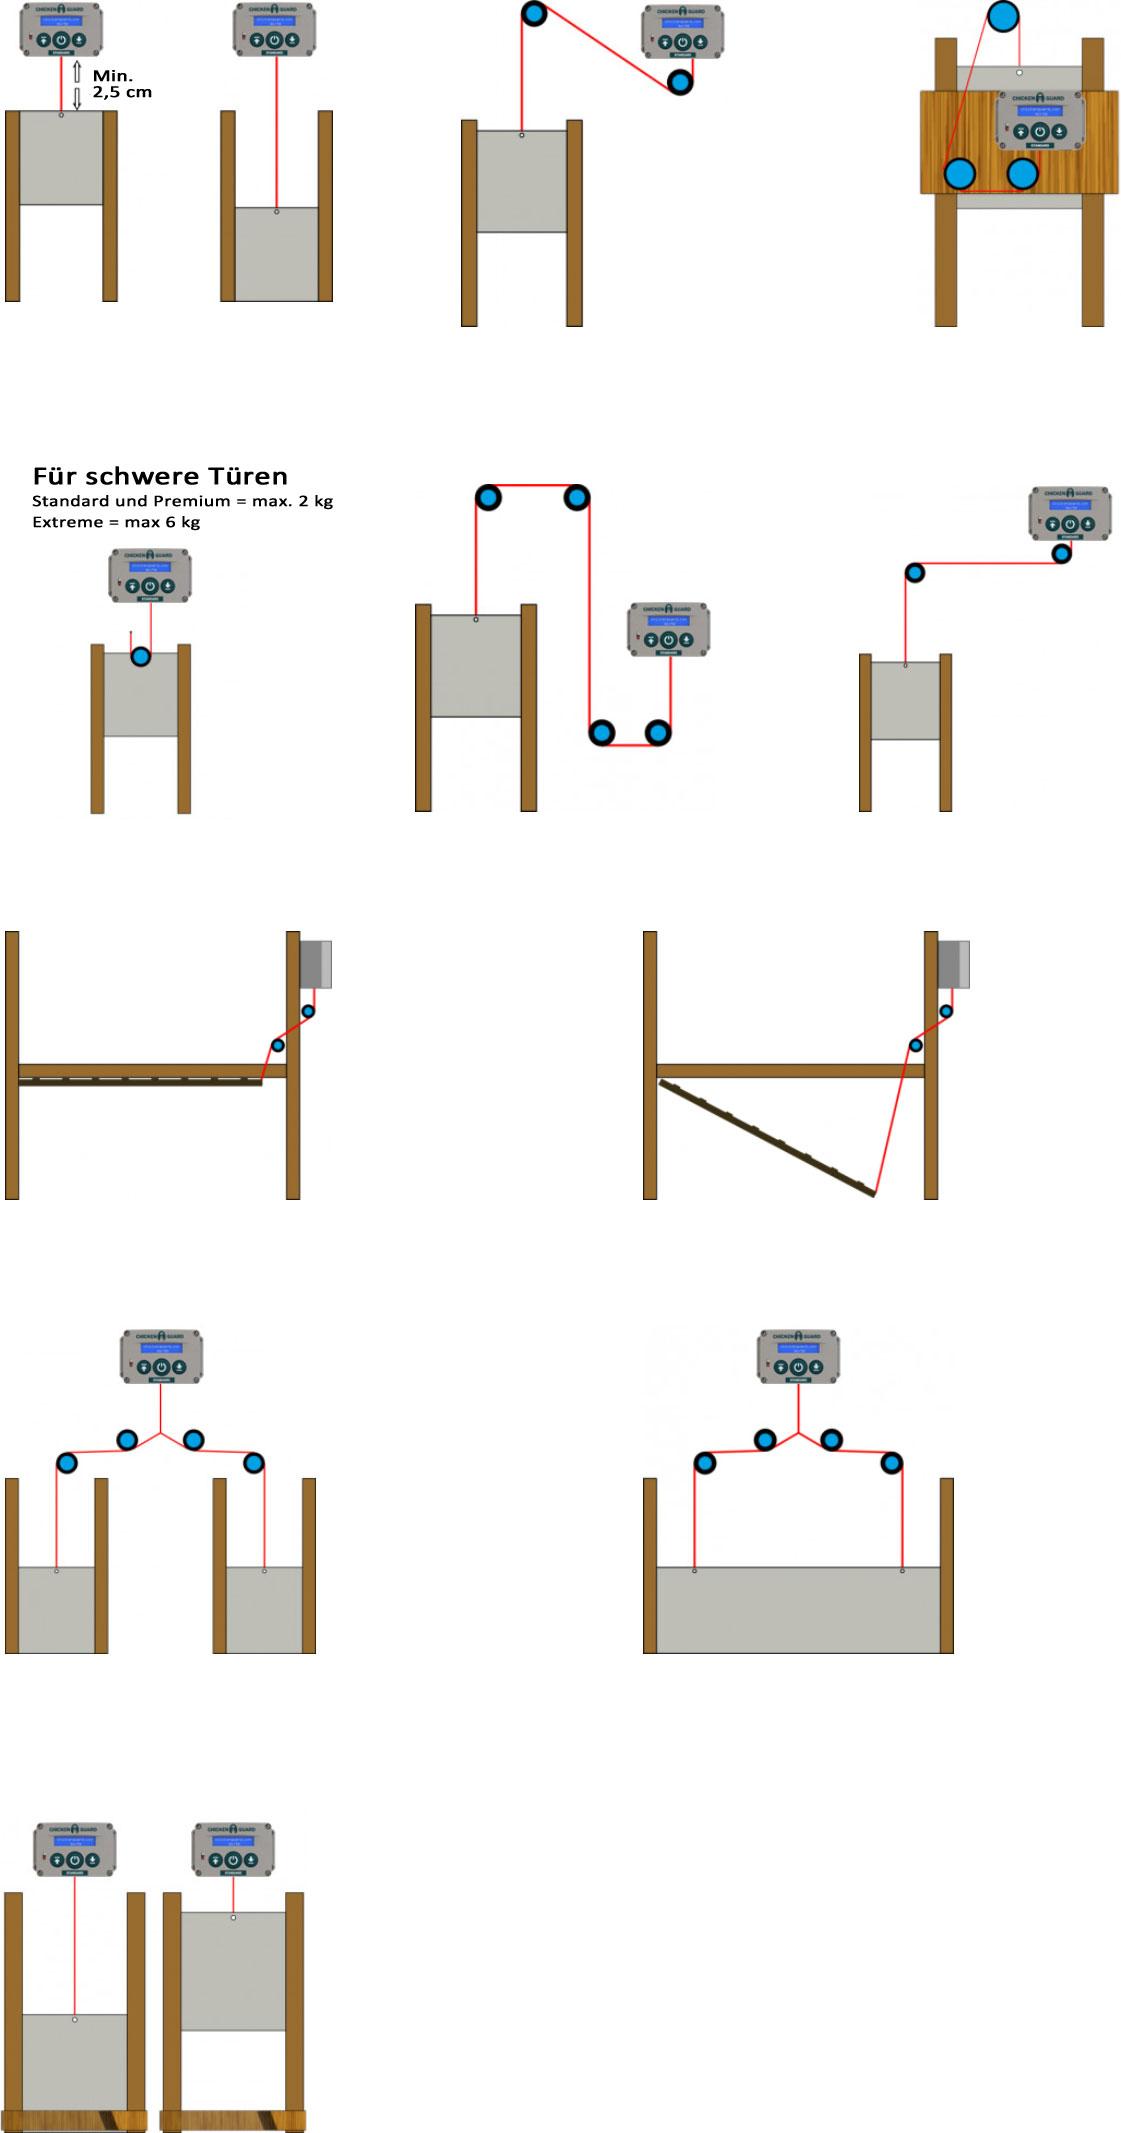 Übersicht der Einsatzmöglichkeiten des automatischen Stalltüröffners Chickenguard für Ihren Hühnerstall